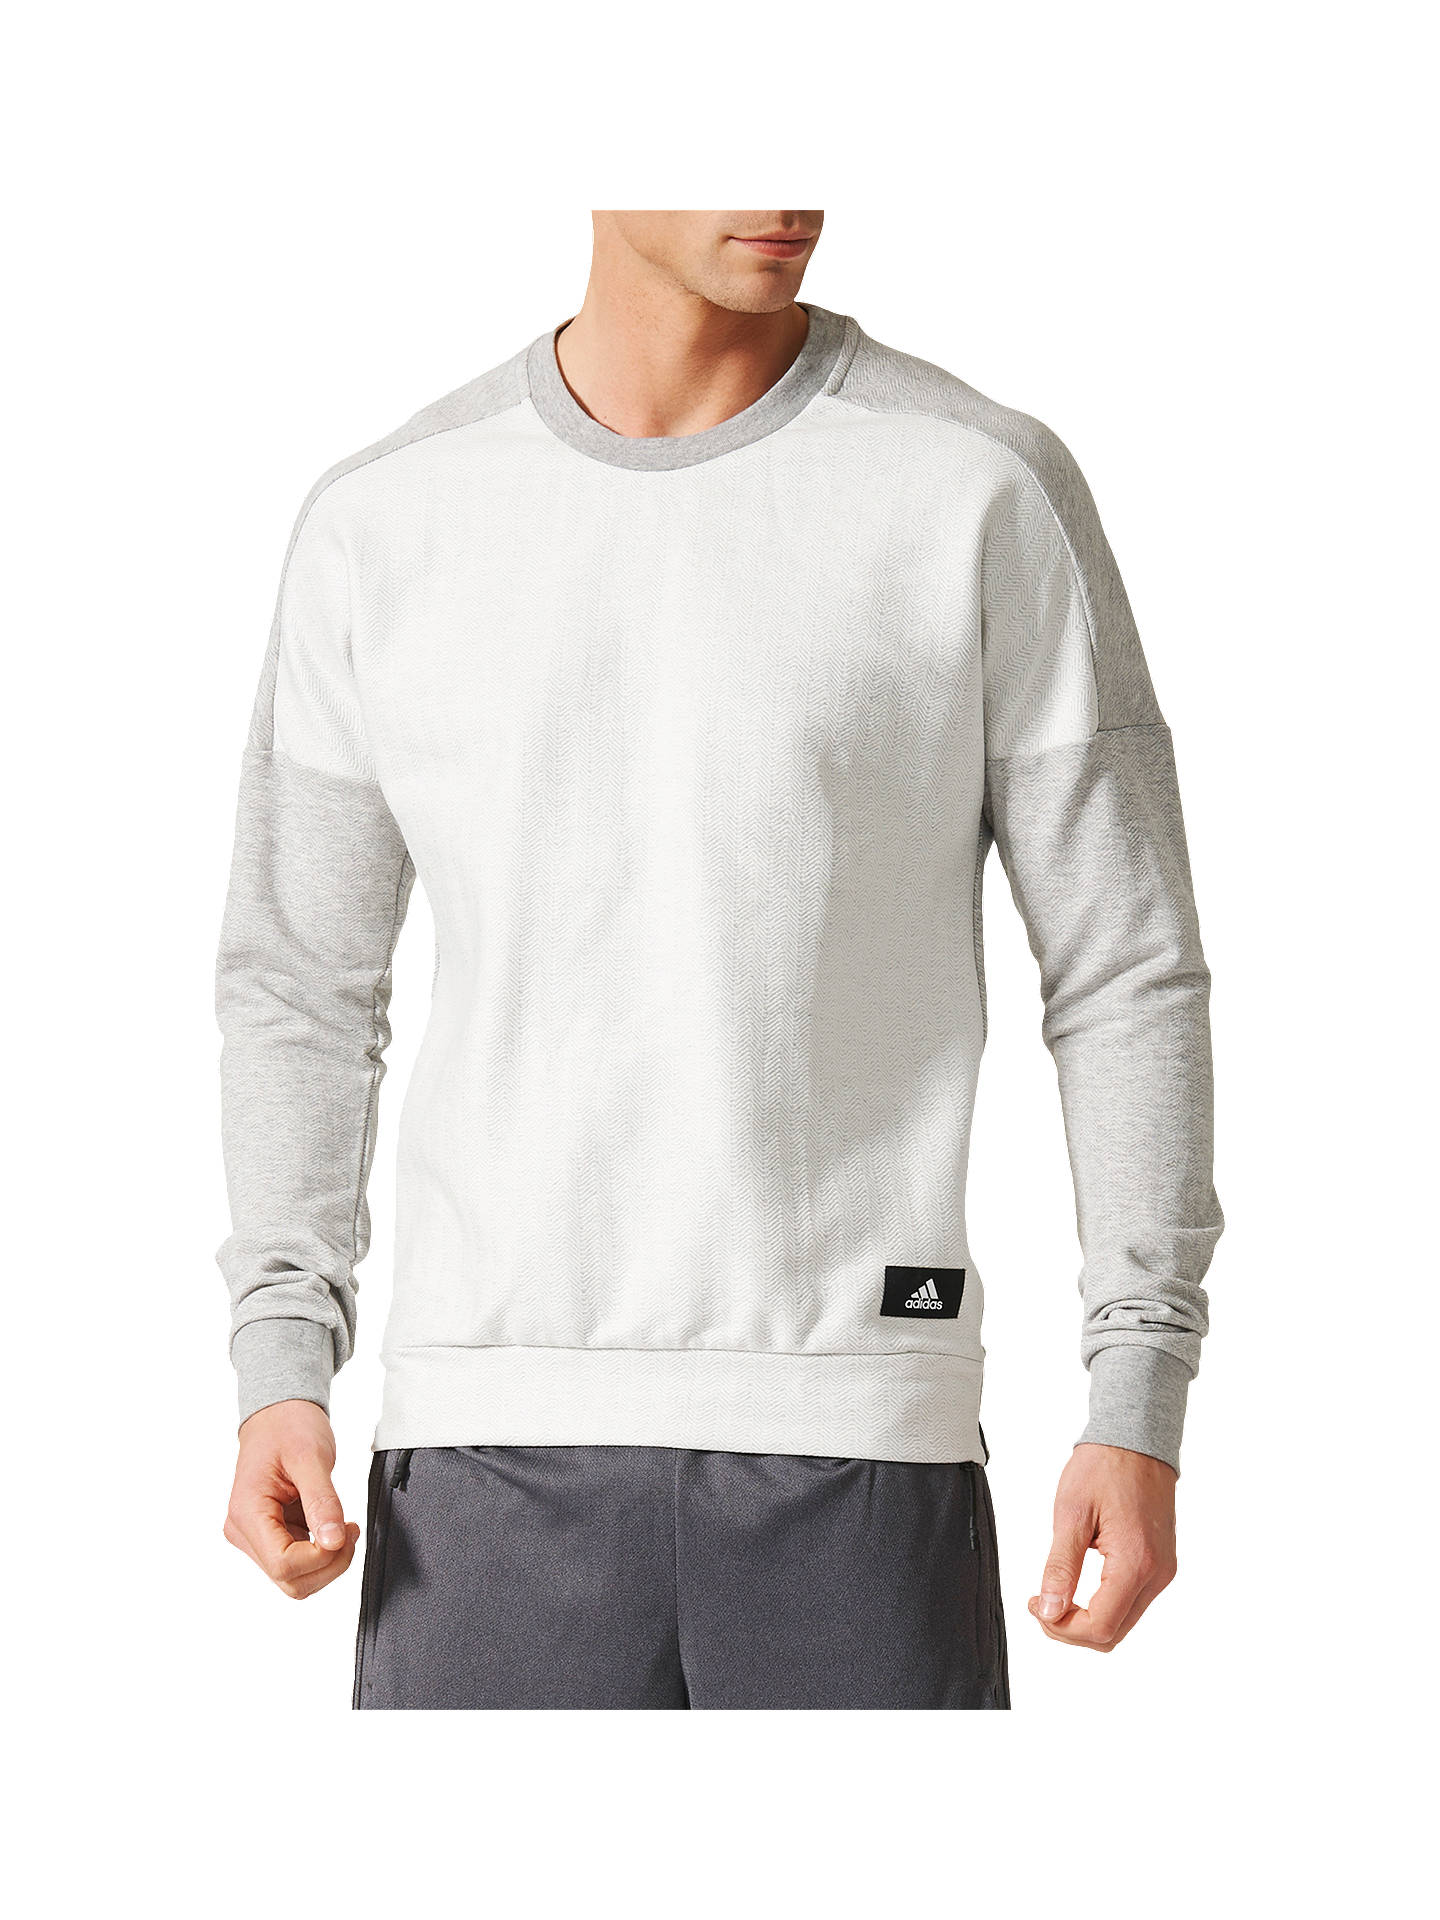 bfd3d2880c3d Buy adidas ID Crewneck Men's Sweatshirt, Grey, S Online at johnlewis. ...